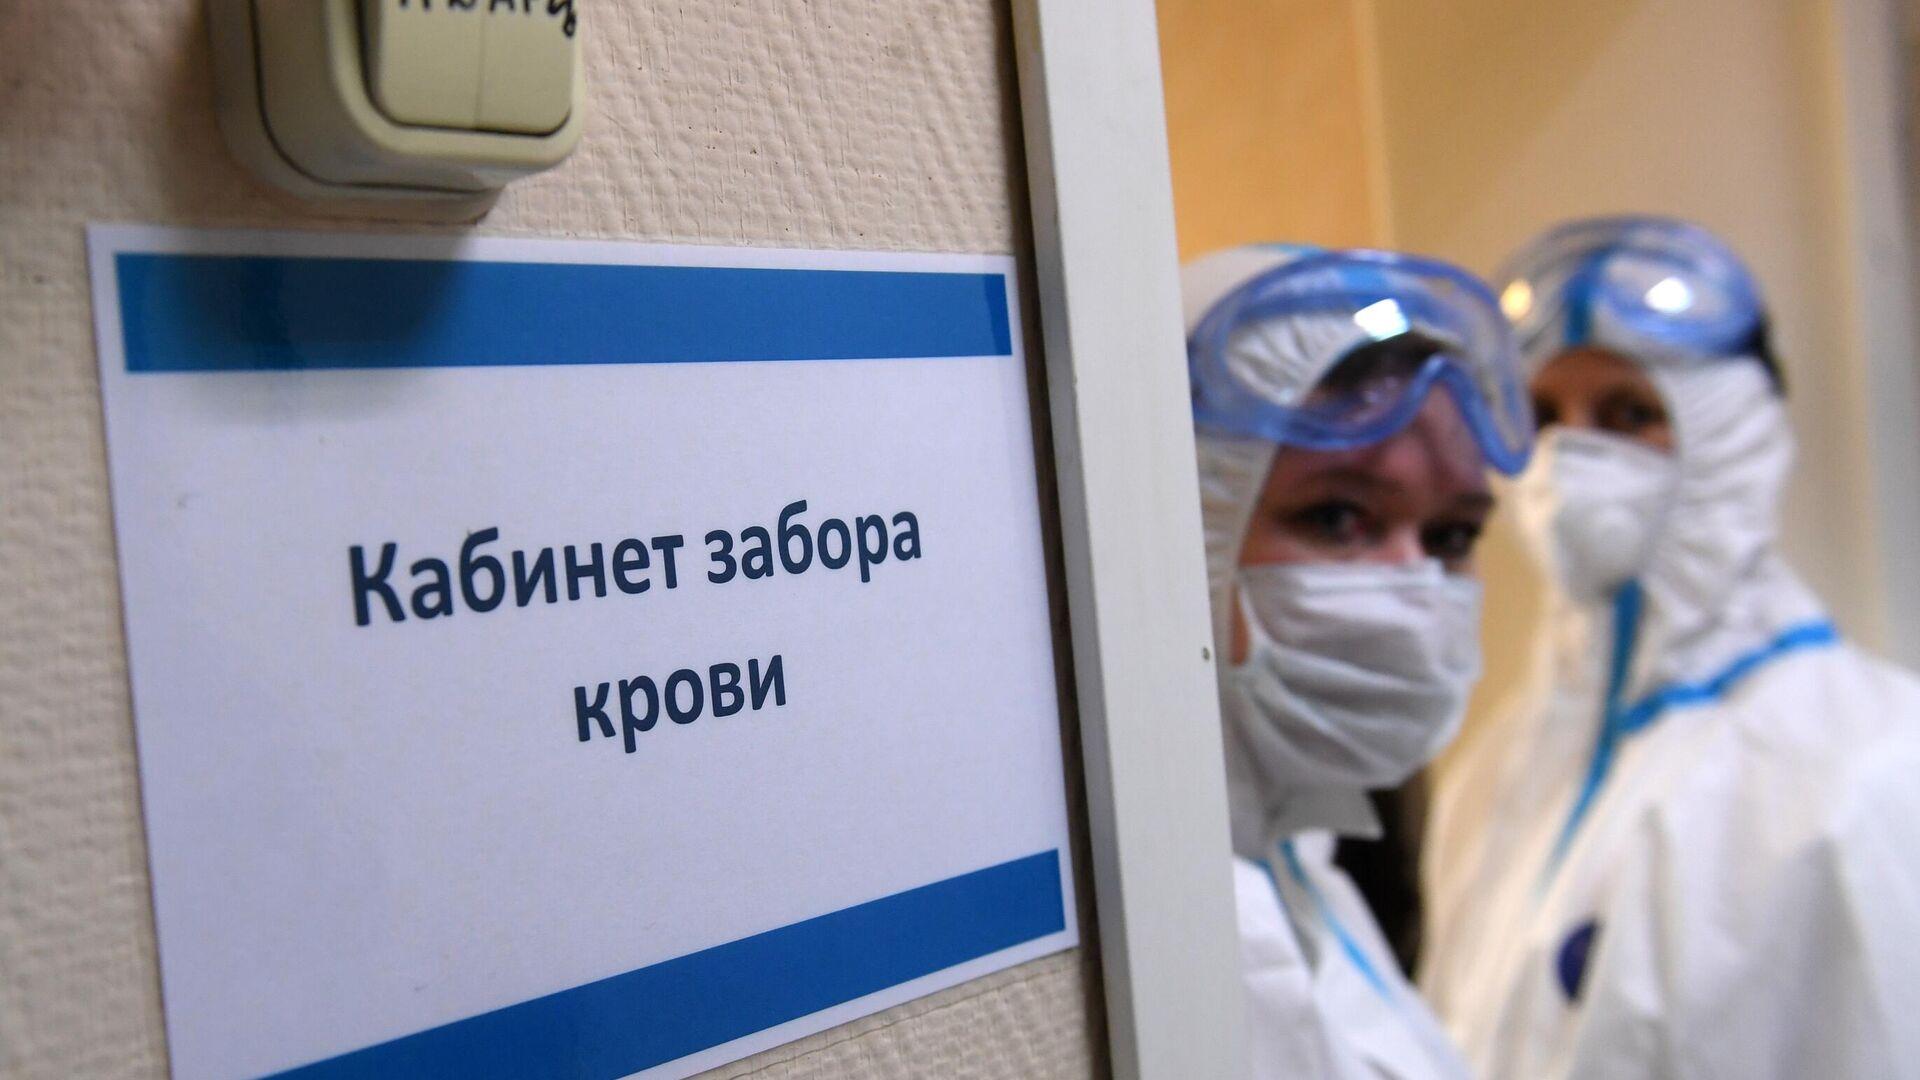 Медицинские работники в защитных костюмах у кабинета забора крови на наличие антител к COVID-19 в городской поликлинике Москвы - РИА Новости, 1920, 04.06.2020